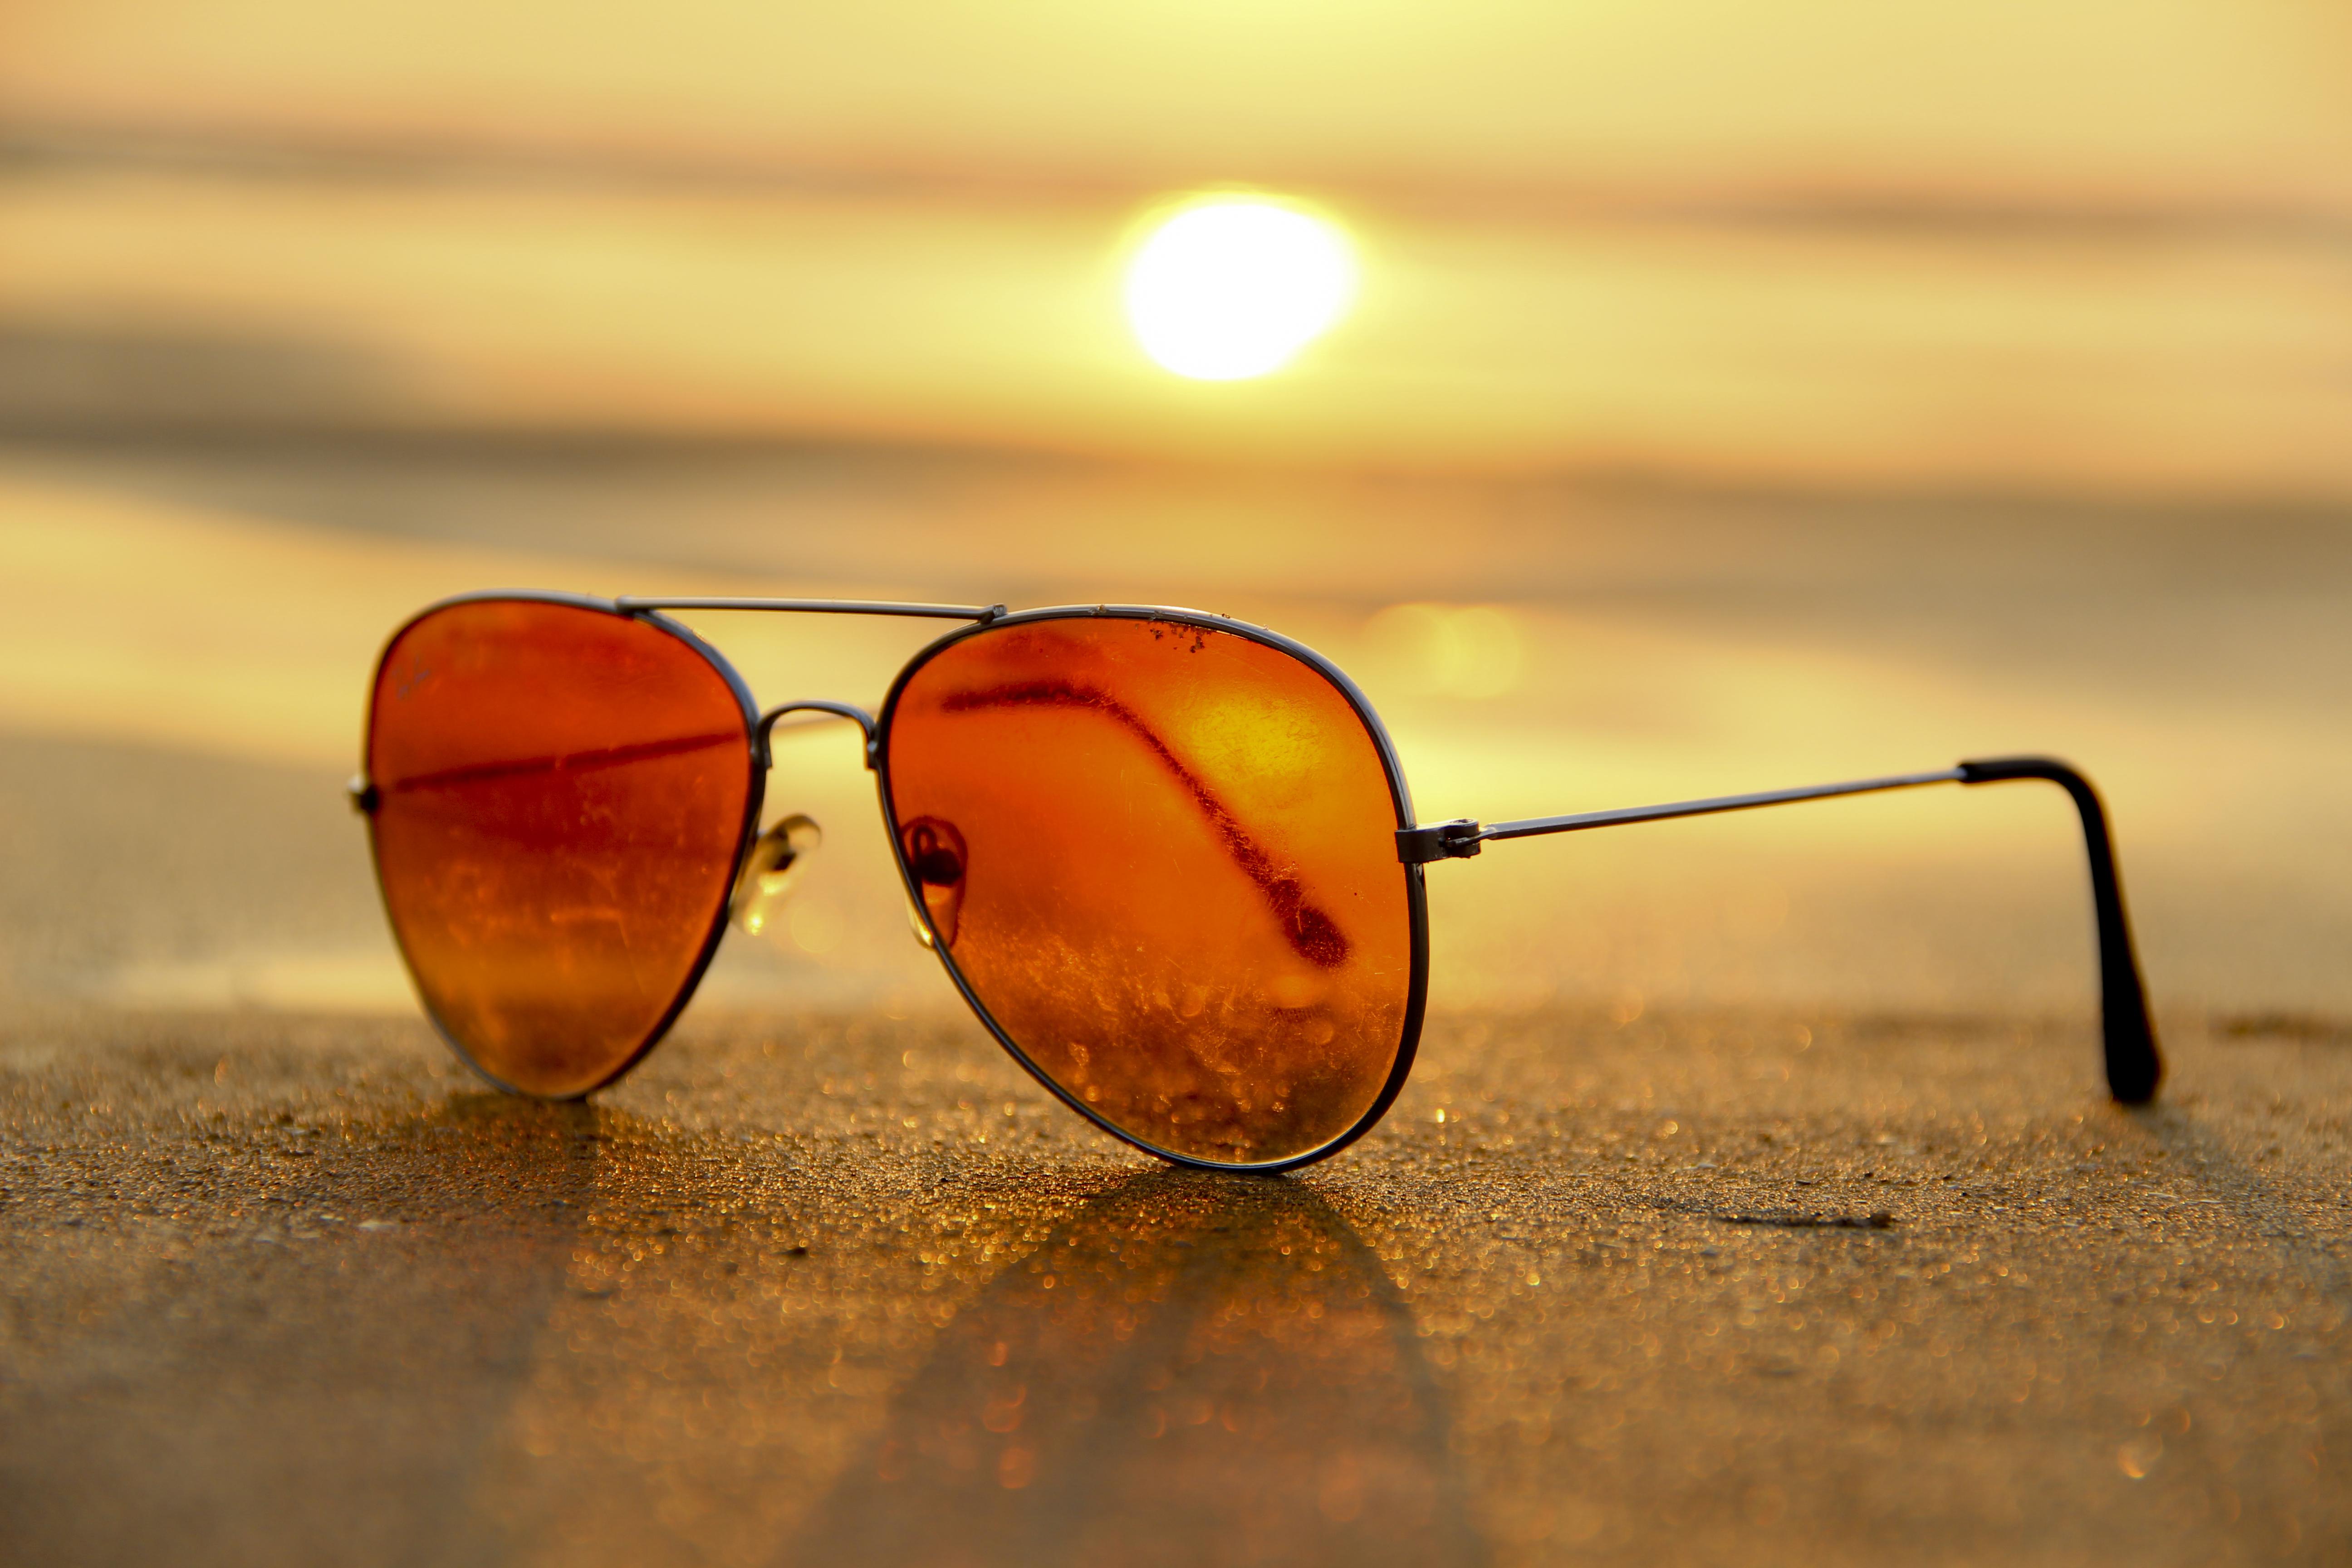 Skin Cancer Summer care